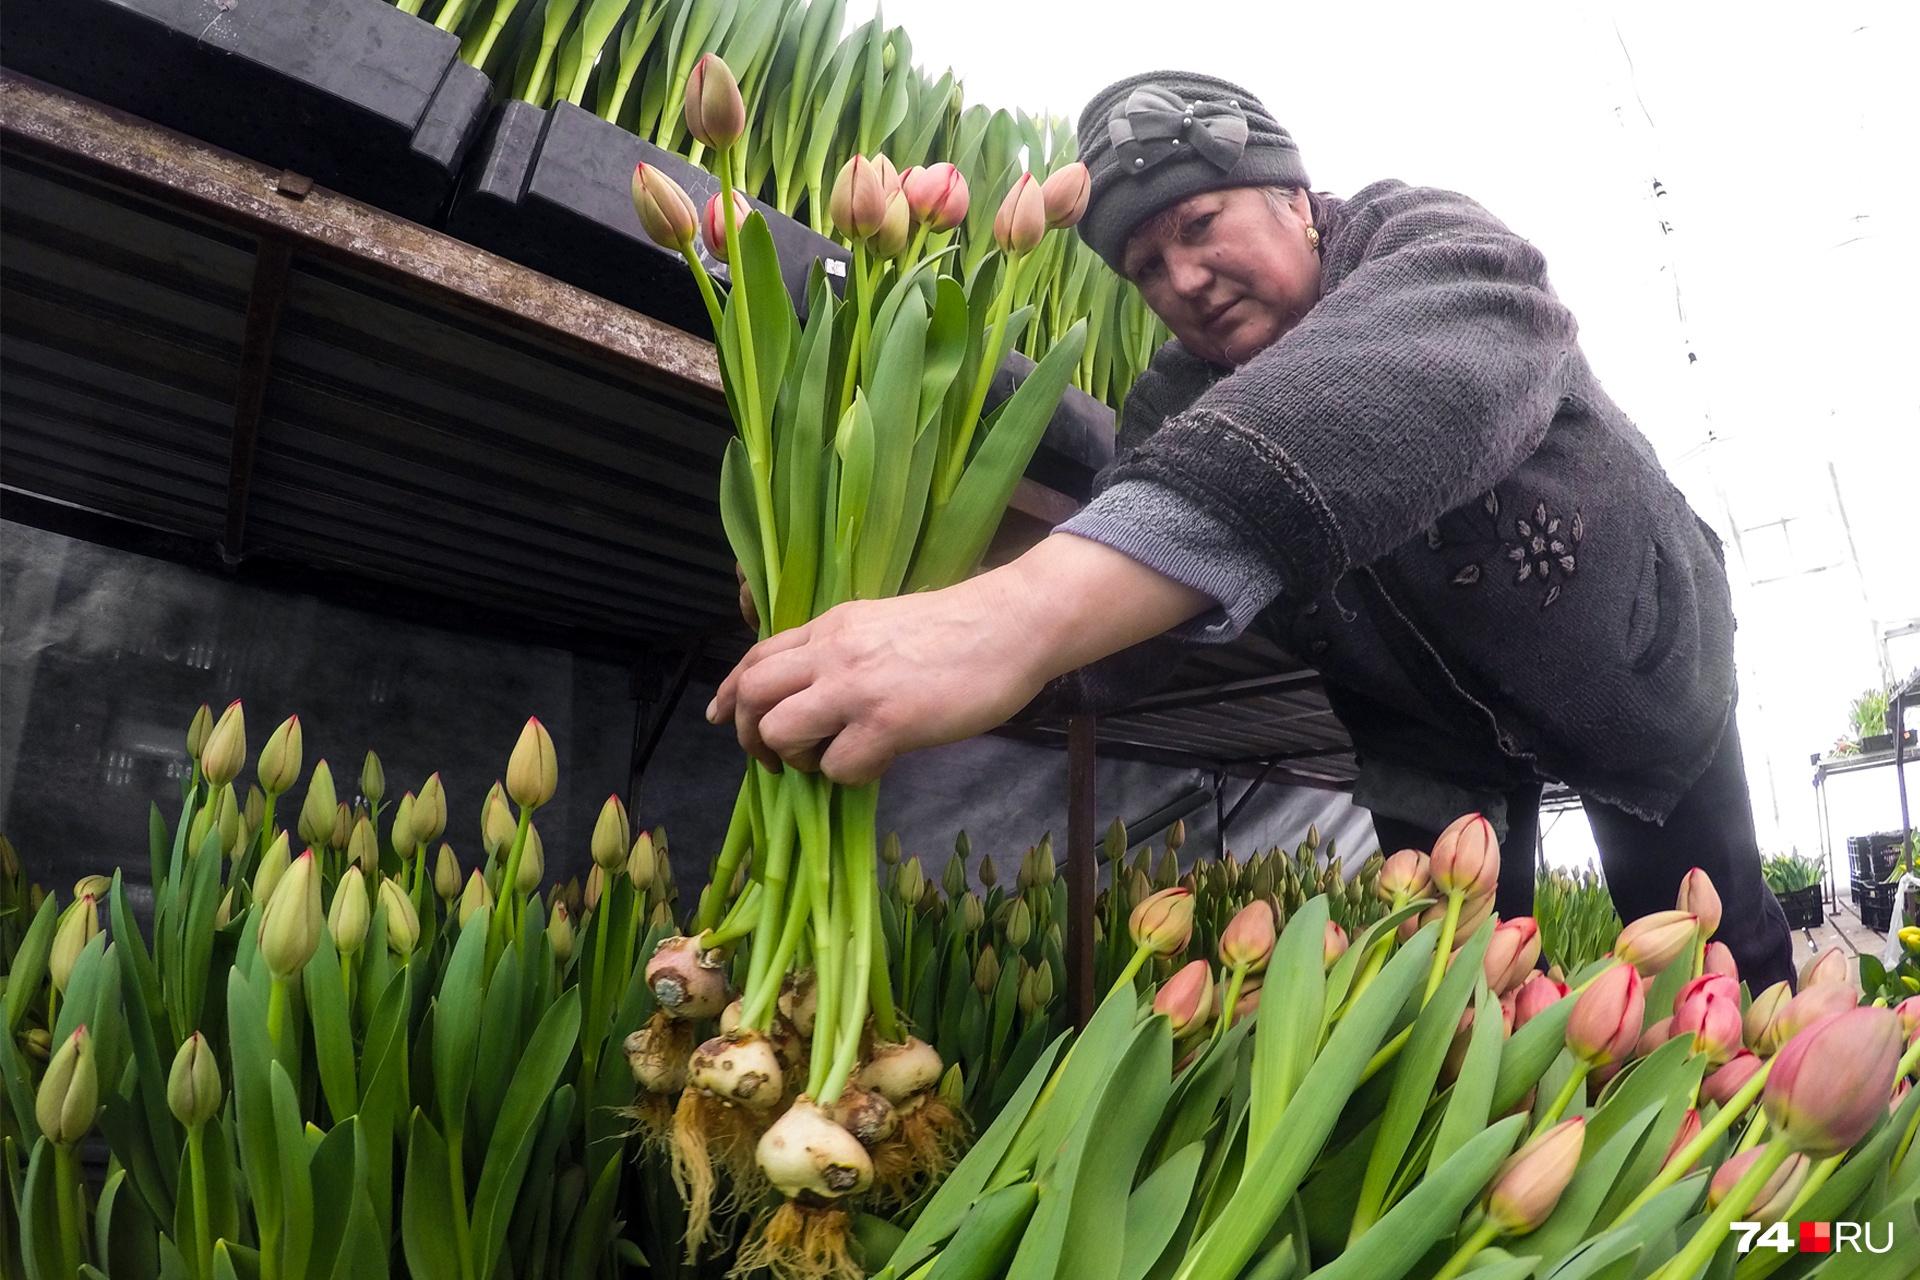 Сотрудницы теплицы мечтают, чтобы им дарили букеты не из тюльпанов